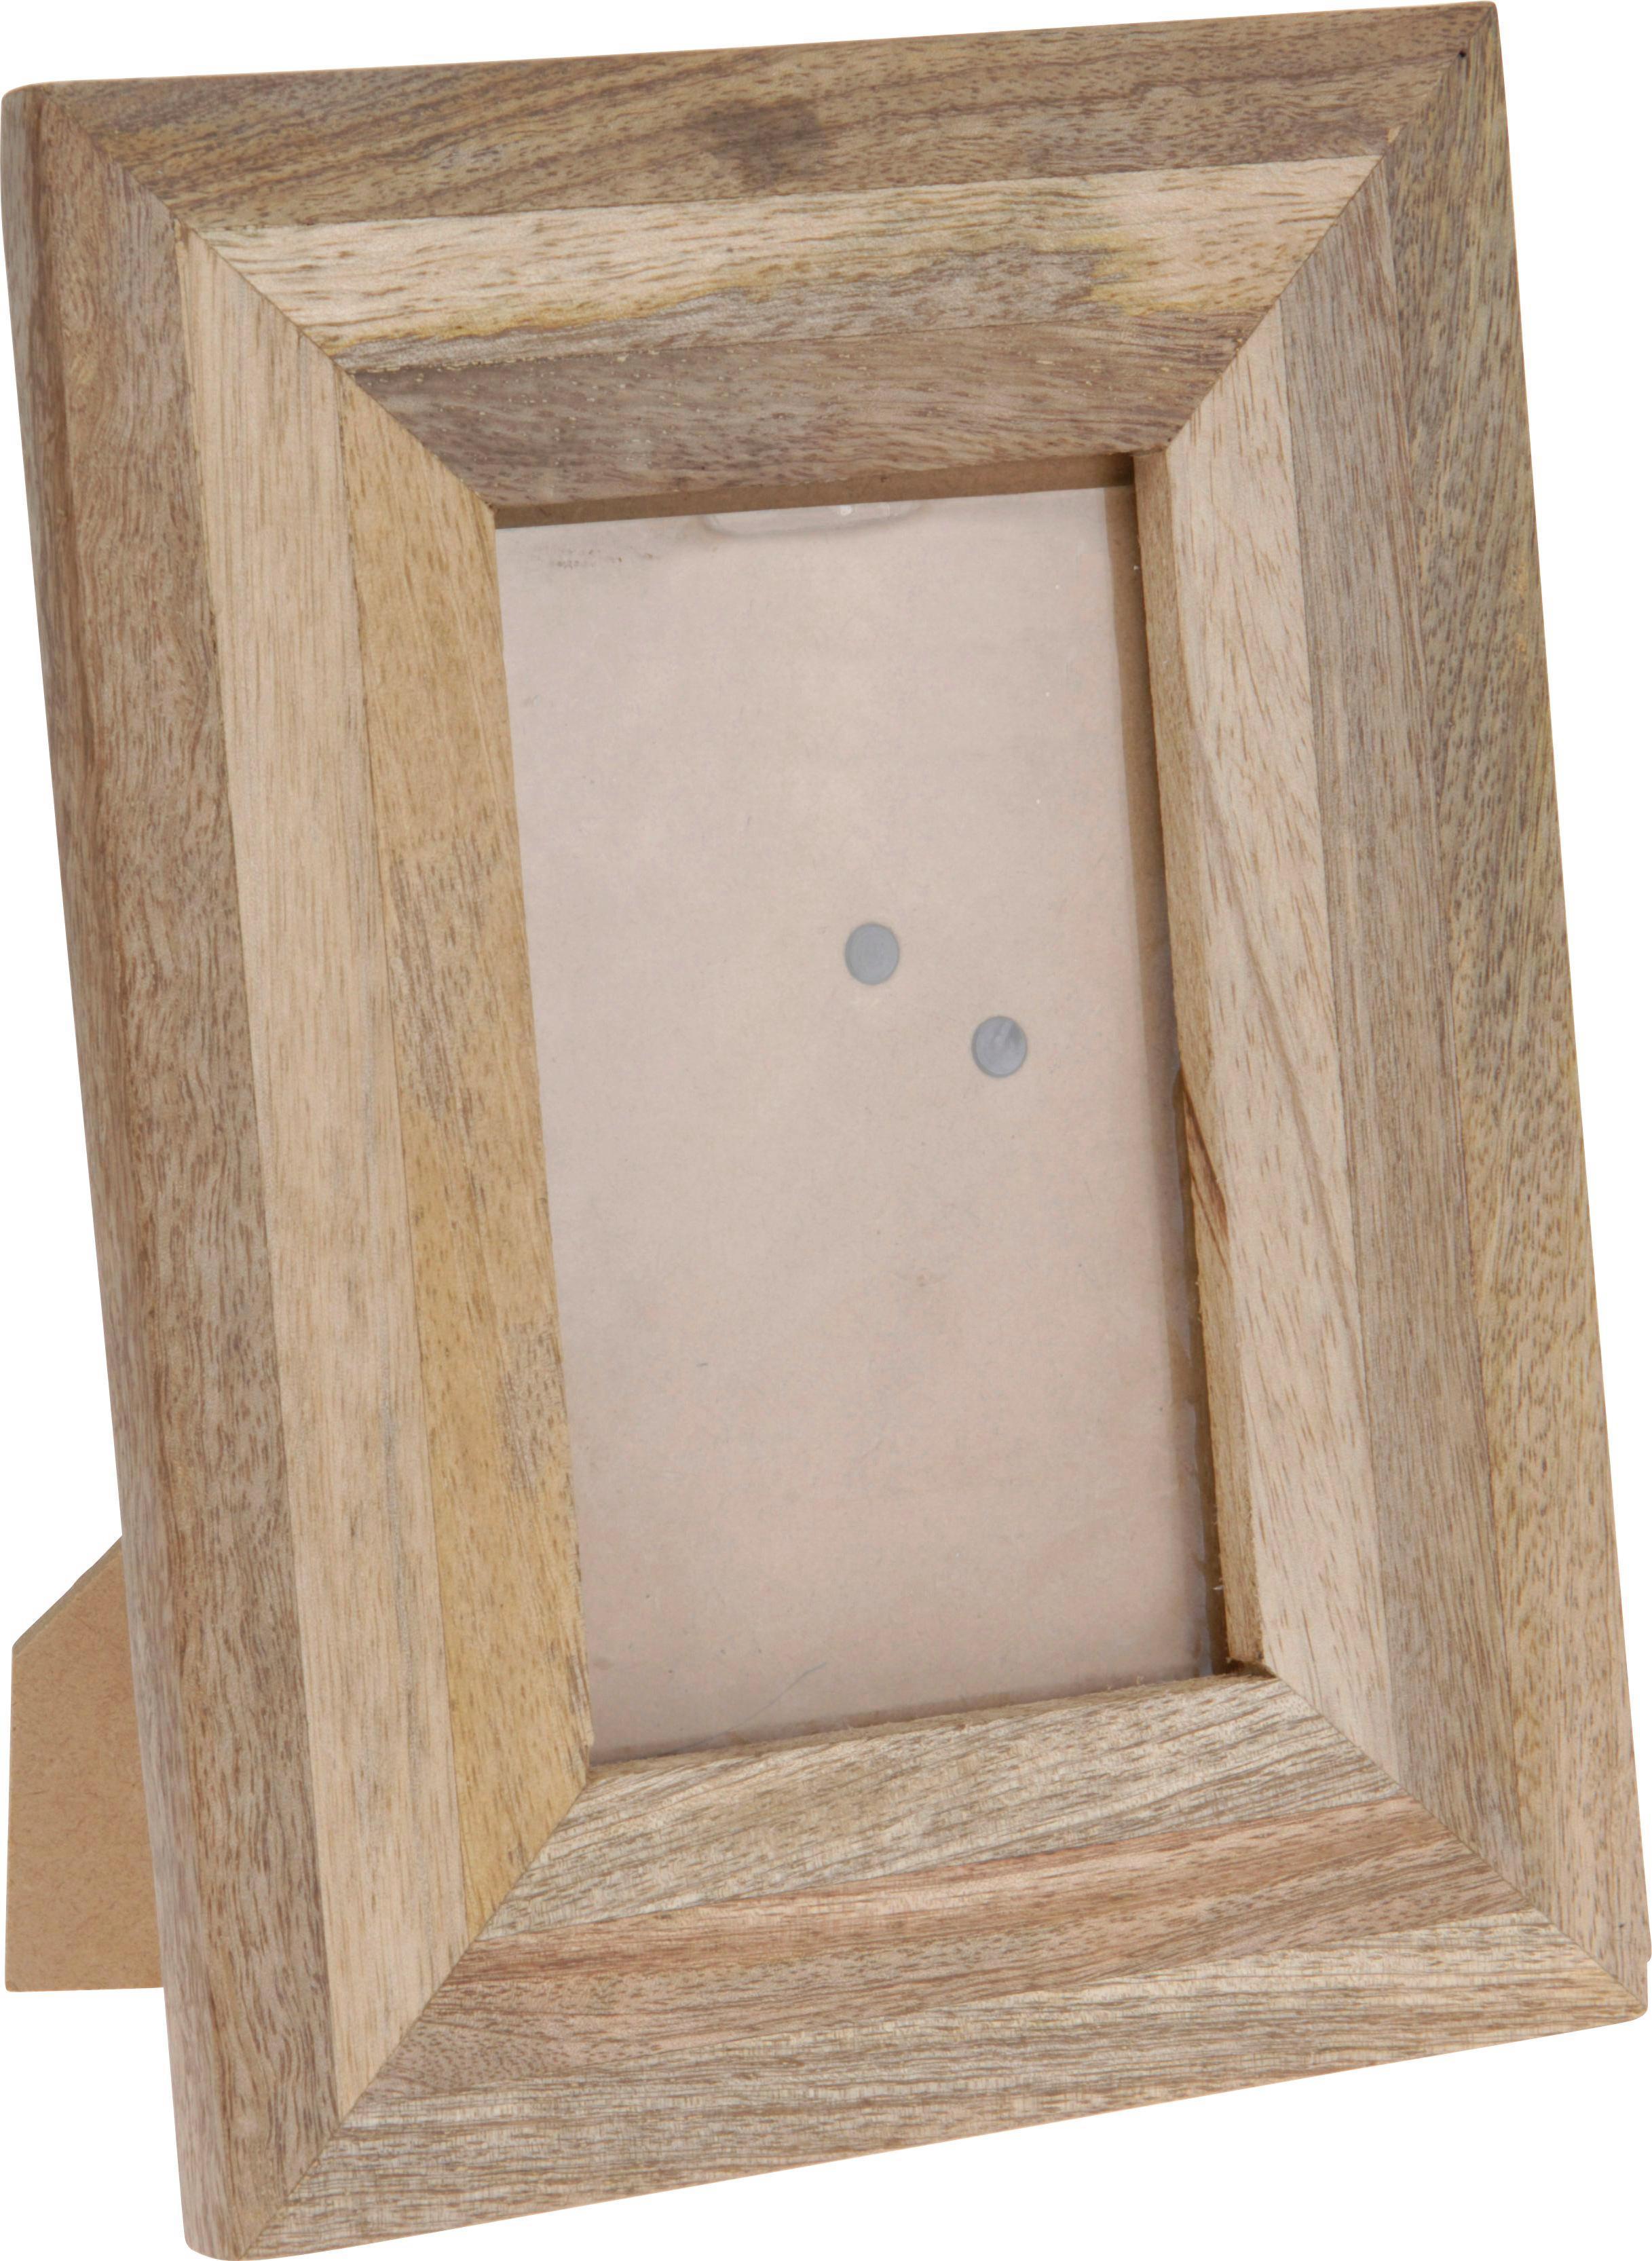 Charmant 20x24 Rahmen Mit Mat Fotos - Benutzerdefinierte ...